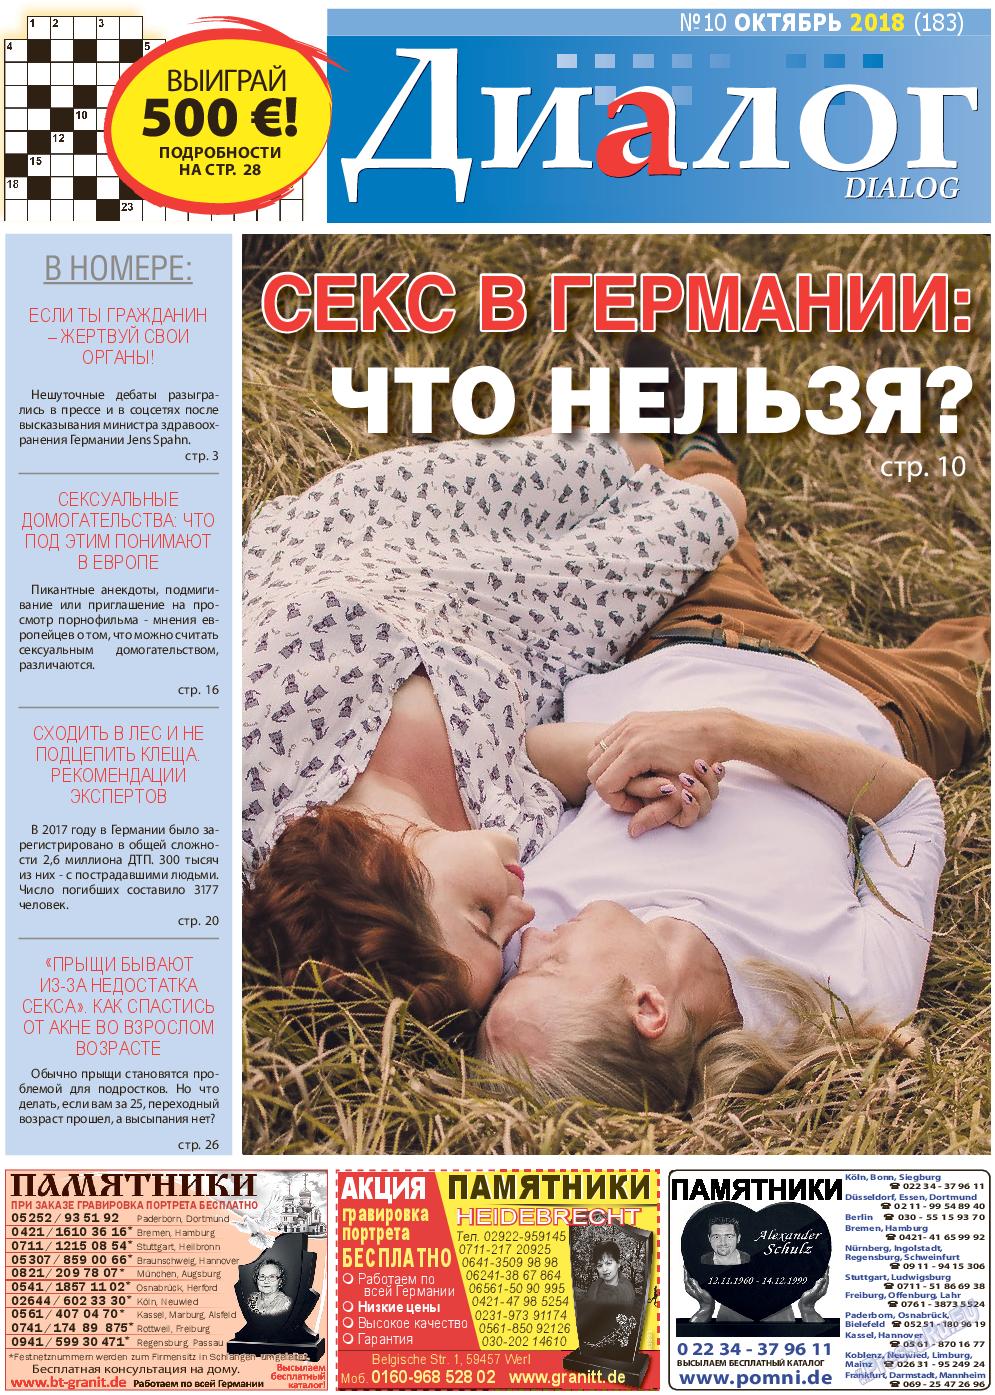 Диалог (газета). 2018 год, номер 10, стр. 1